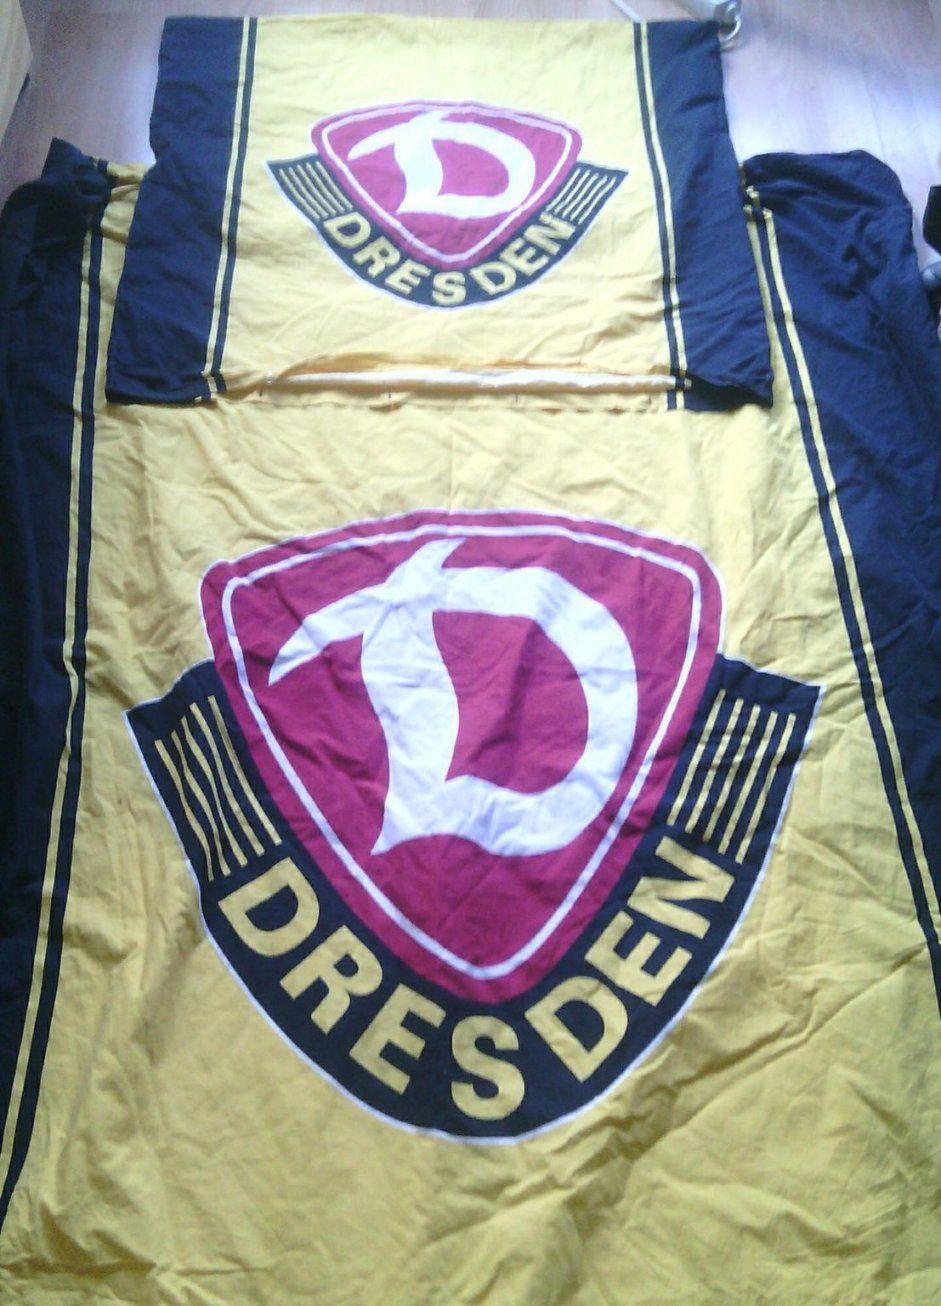 Gebraucht Dynamo Dresden Bettwäsche In 01445 Radebeul Um € 2500 von Dynamo Dresden Bettwäsche Bild